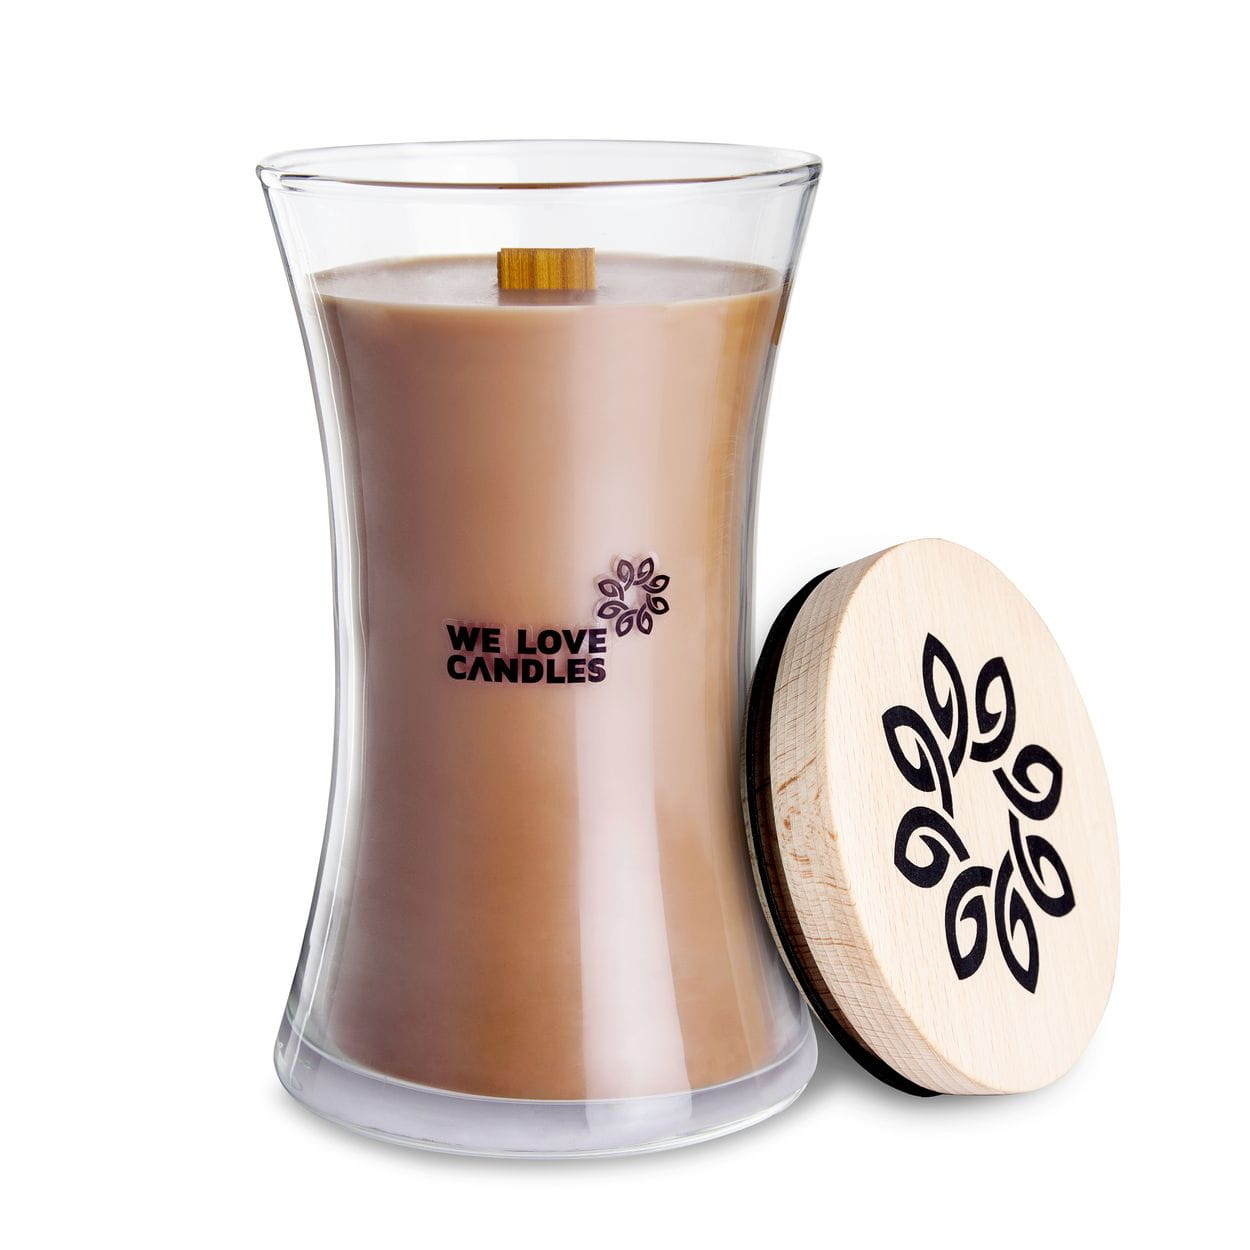 Kolekcja BASIC to sojowe świece zapachowe o soczystych kolorach i intensywnych, naturalnych zapachach inspirowanych codziennymi, prostymi przyjemnościami jakie niesie ze sobą życie. Świece z tej kolekcji zamknięte są w designerskie szklane pojemniki (zaprojektowane dla marki przez artystę-rzemieślnika) wytwarzane w polskiej hucie szkła. Pokrywkę stanowi drewniane wieczko, a całość dopełnia przyjemnie skwierczący w trakcie palenia drewniany knot. Dzięki prostej, ale ciekawej formie świece te stanowią niebanalny dodatek do domu, który szczególnie przypada do gustu fankom i fanom minimalizmu i życia w rytmie slow. Ginger Cookie Świeca Ginger Cookie to ciasteczkowy obłęd zapachowy, stworzony dla łasuchów i wszystkich, którzy kochają unoszący się w domu zapach świątecznych wypieków. Wyobraź sobie woń brązowego cukru rozpuszczonego na masełku ze szczyptą cynamonu, kardamonu oraz ziarenkami świeżej wanilii. I jak, ślinka cieknie? Ta świeca to idealna aromaterapia na trudne chwile, zapachowy a